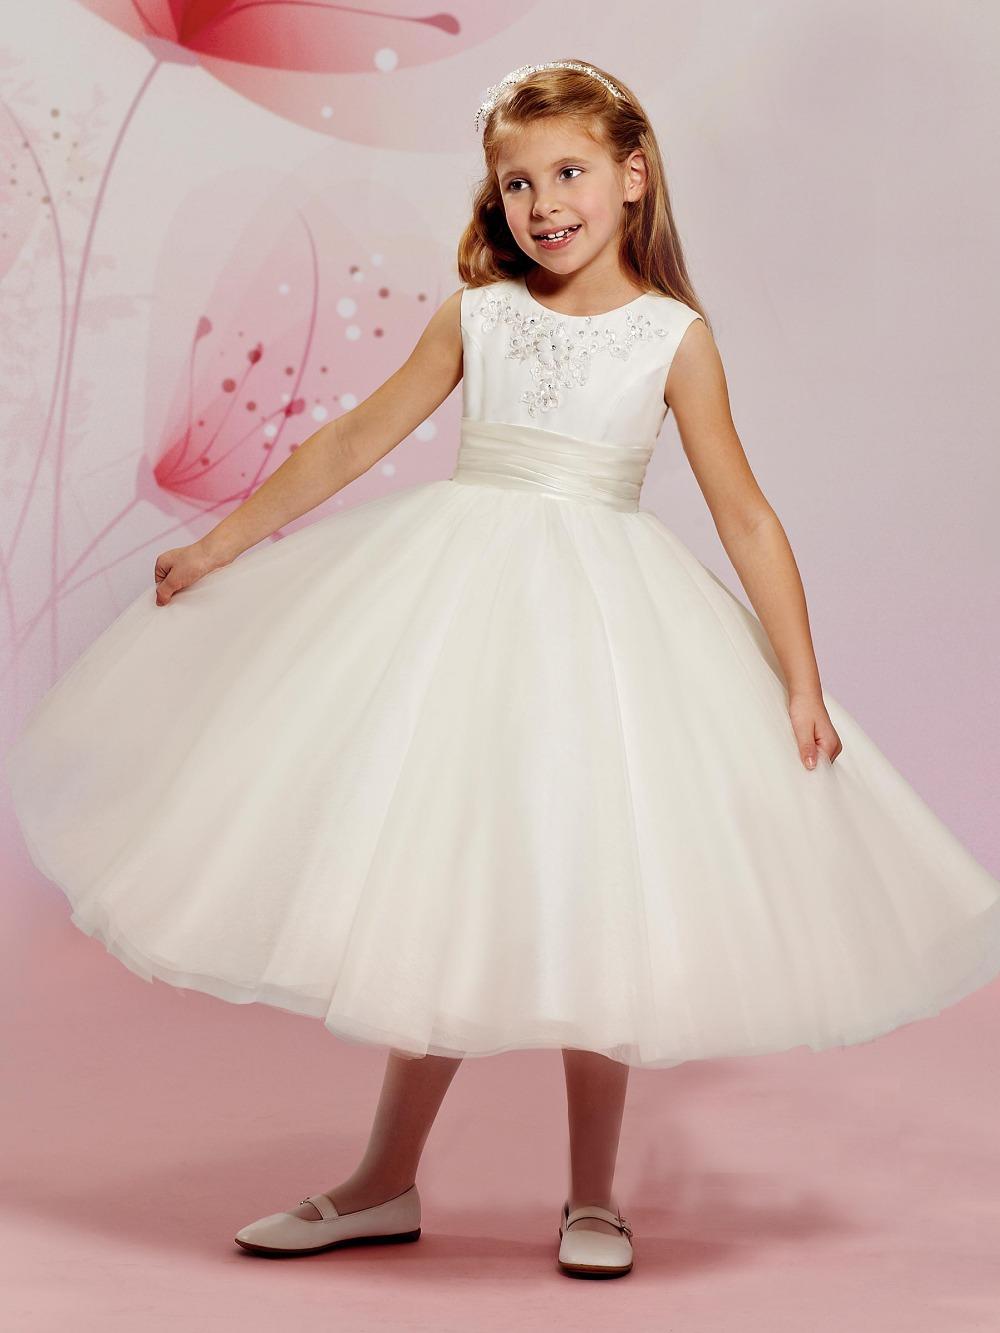 Modelos de vestidos de fiesta para ninas